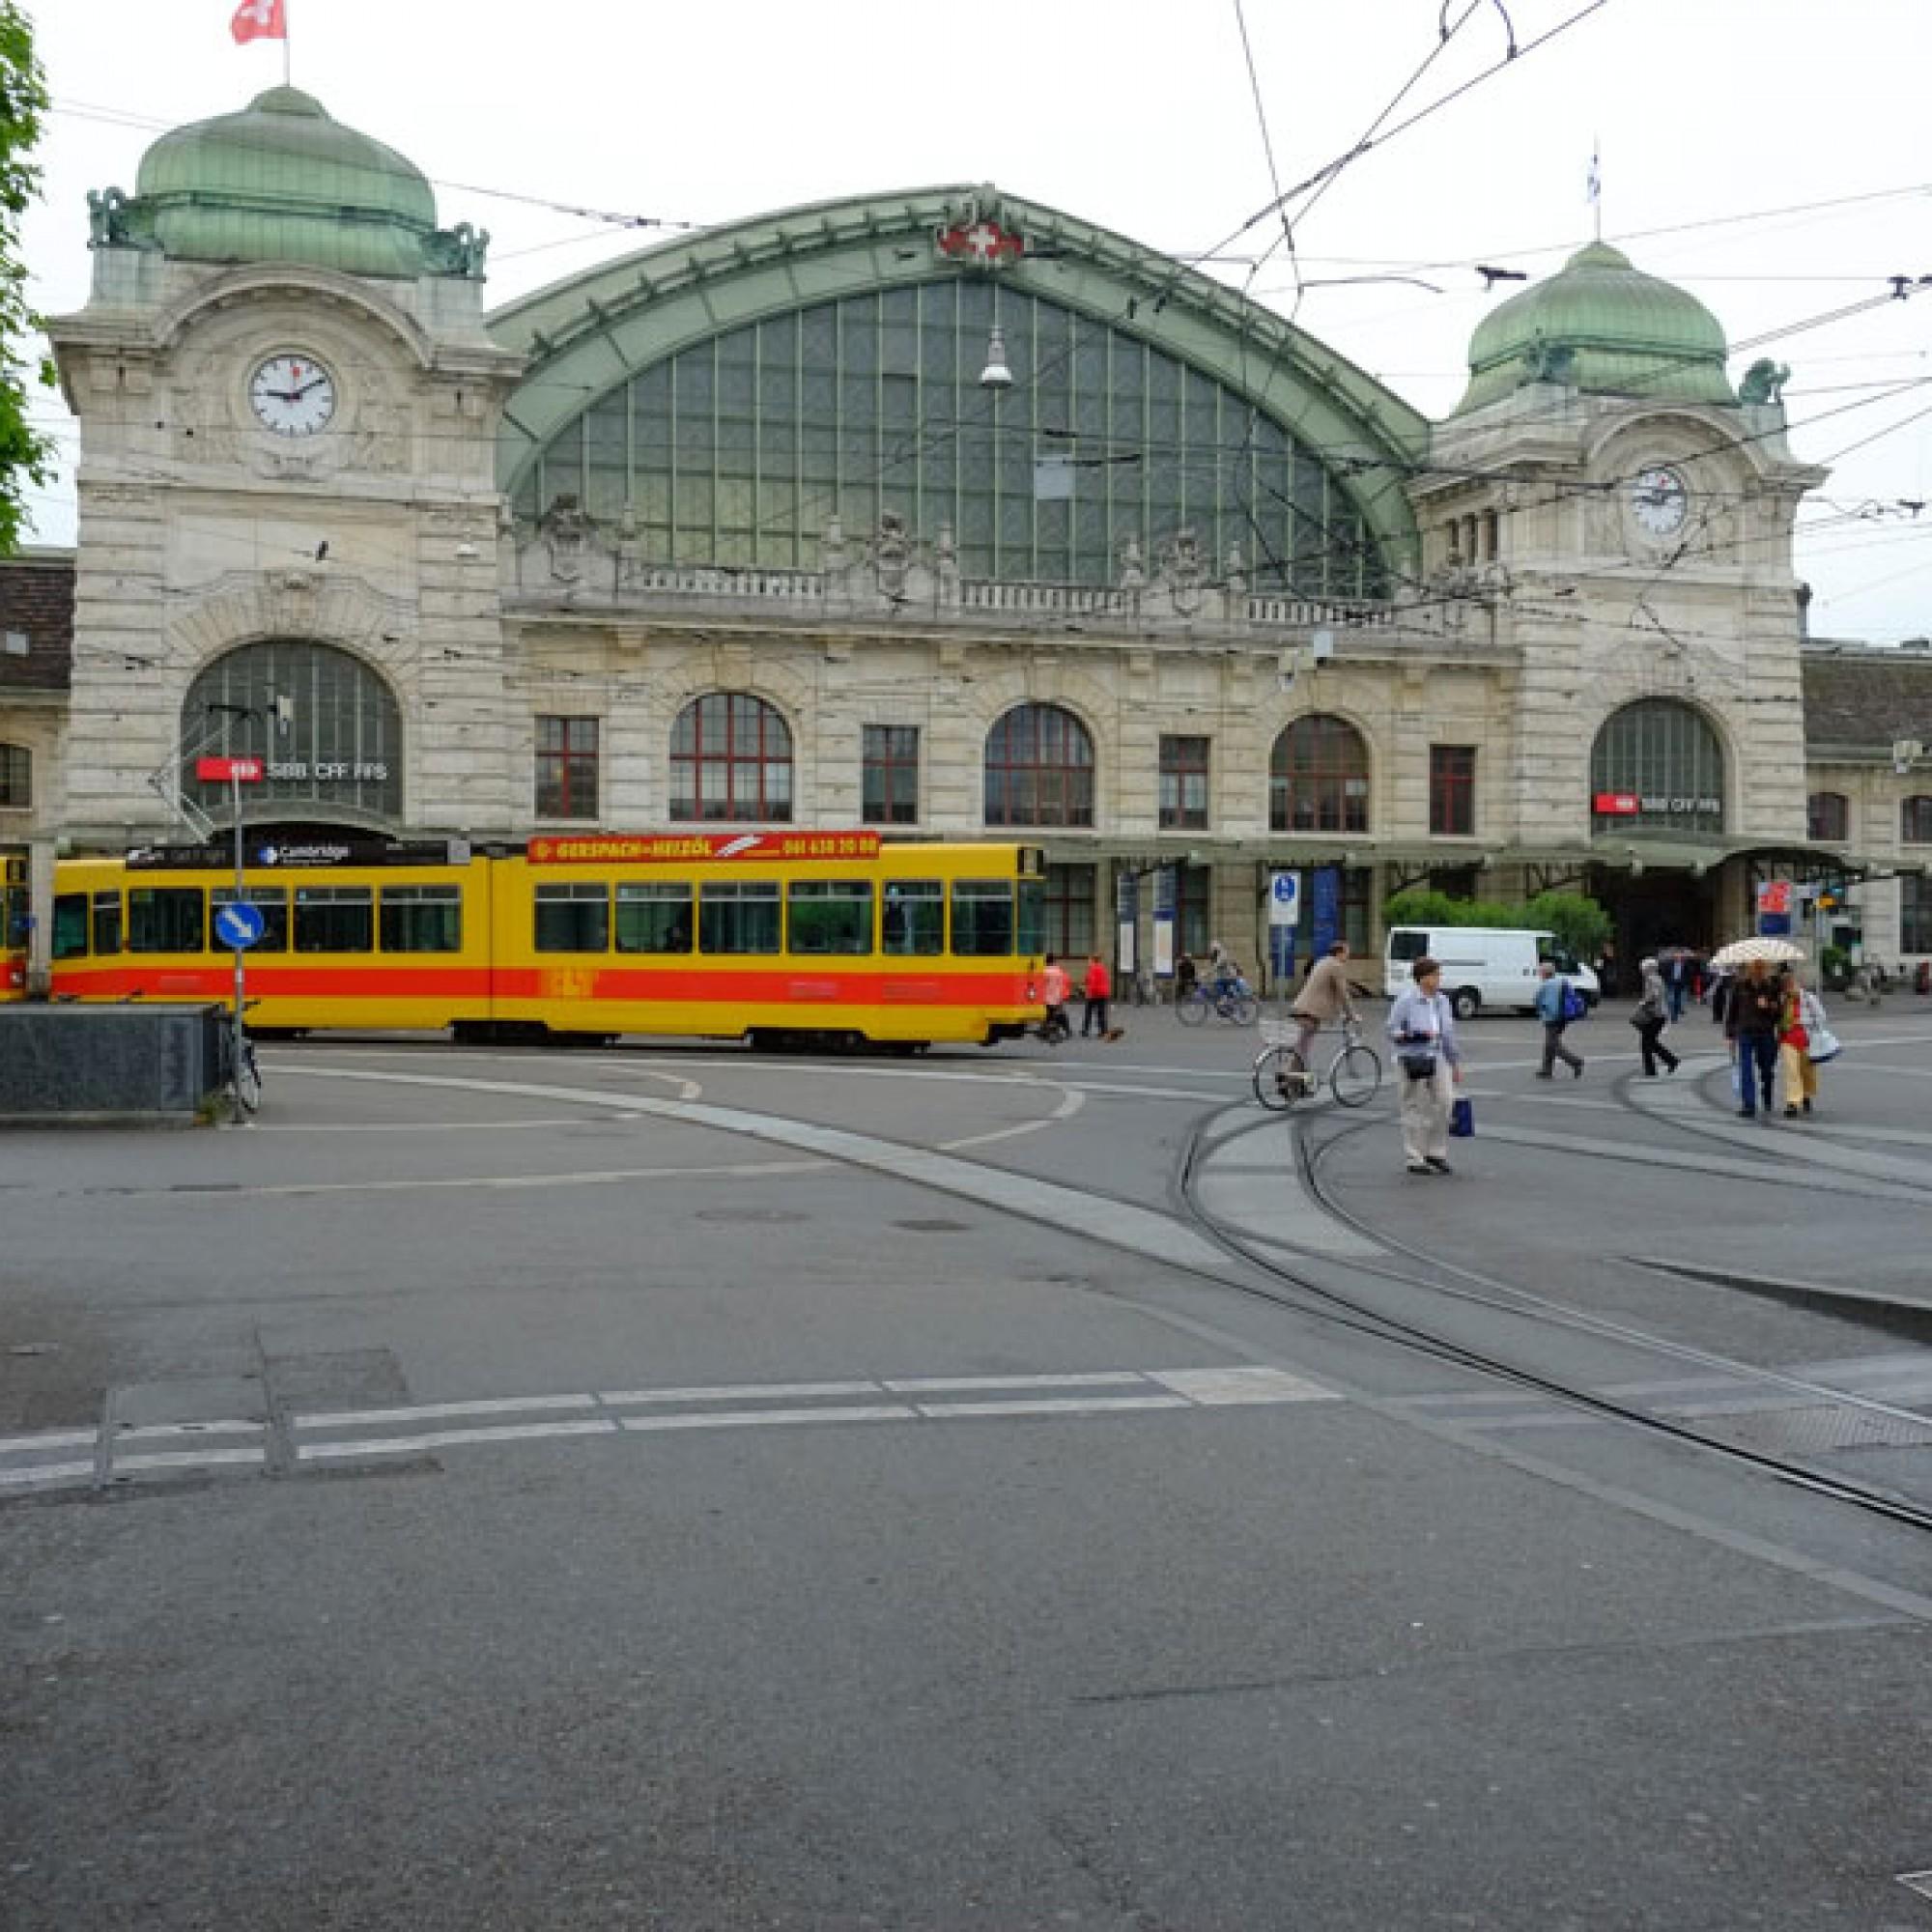 Der Car-Terminal soll optimal mit dem öffentlichen Verkehr verknüpft werden. Bild: Bahnhof Basel SBB (Urs Rüttimann)